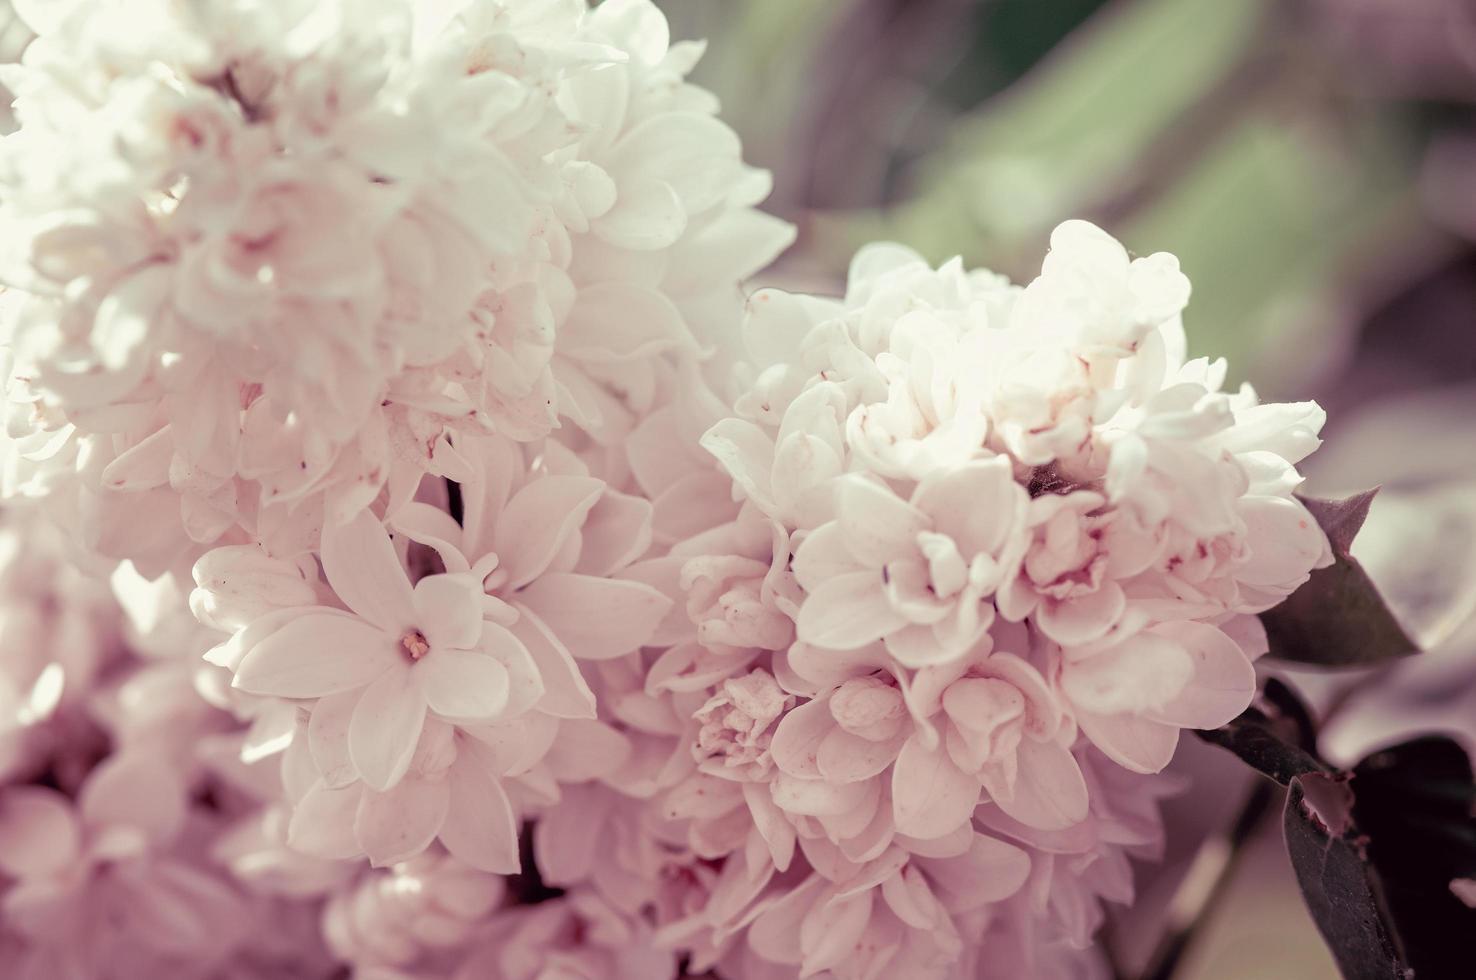 tak van witte lila bloemen foto